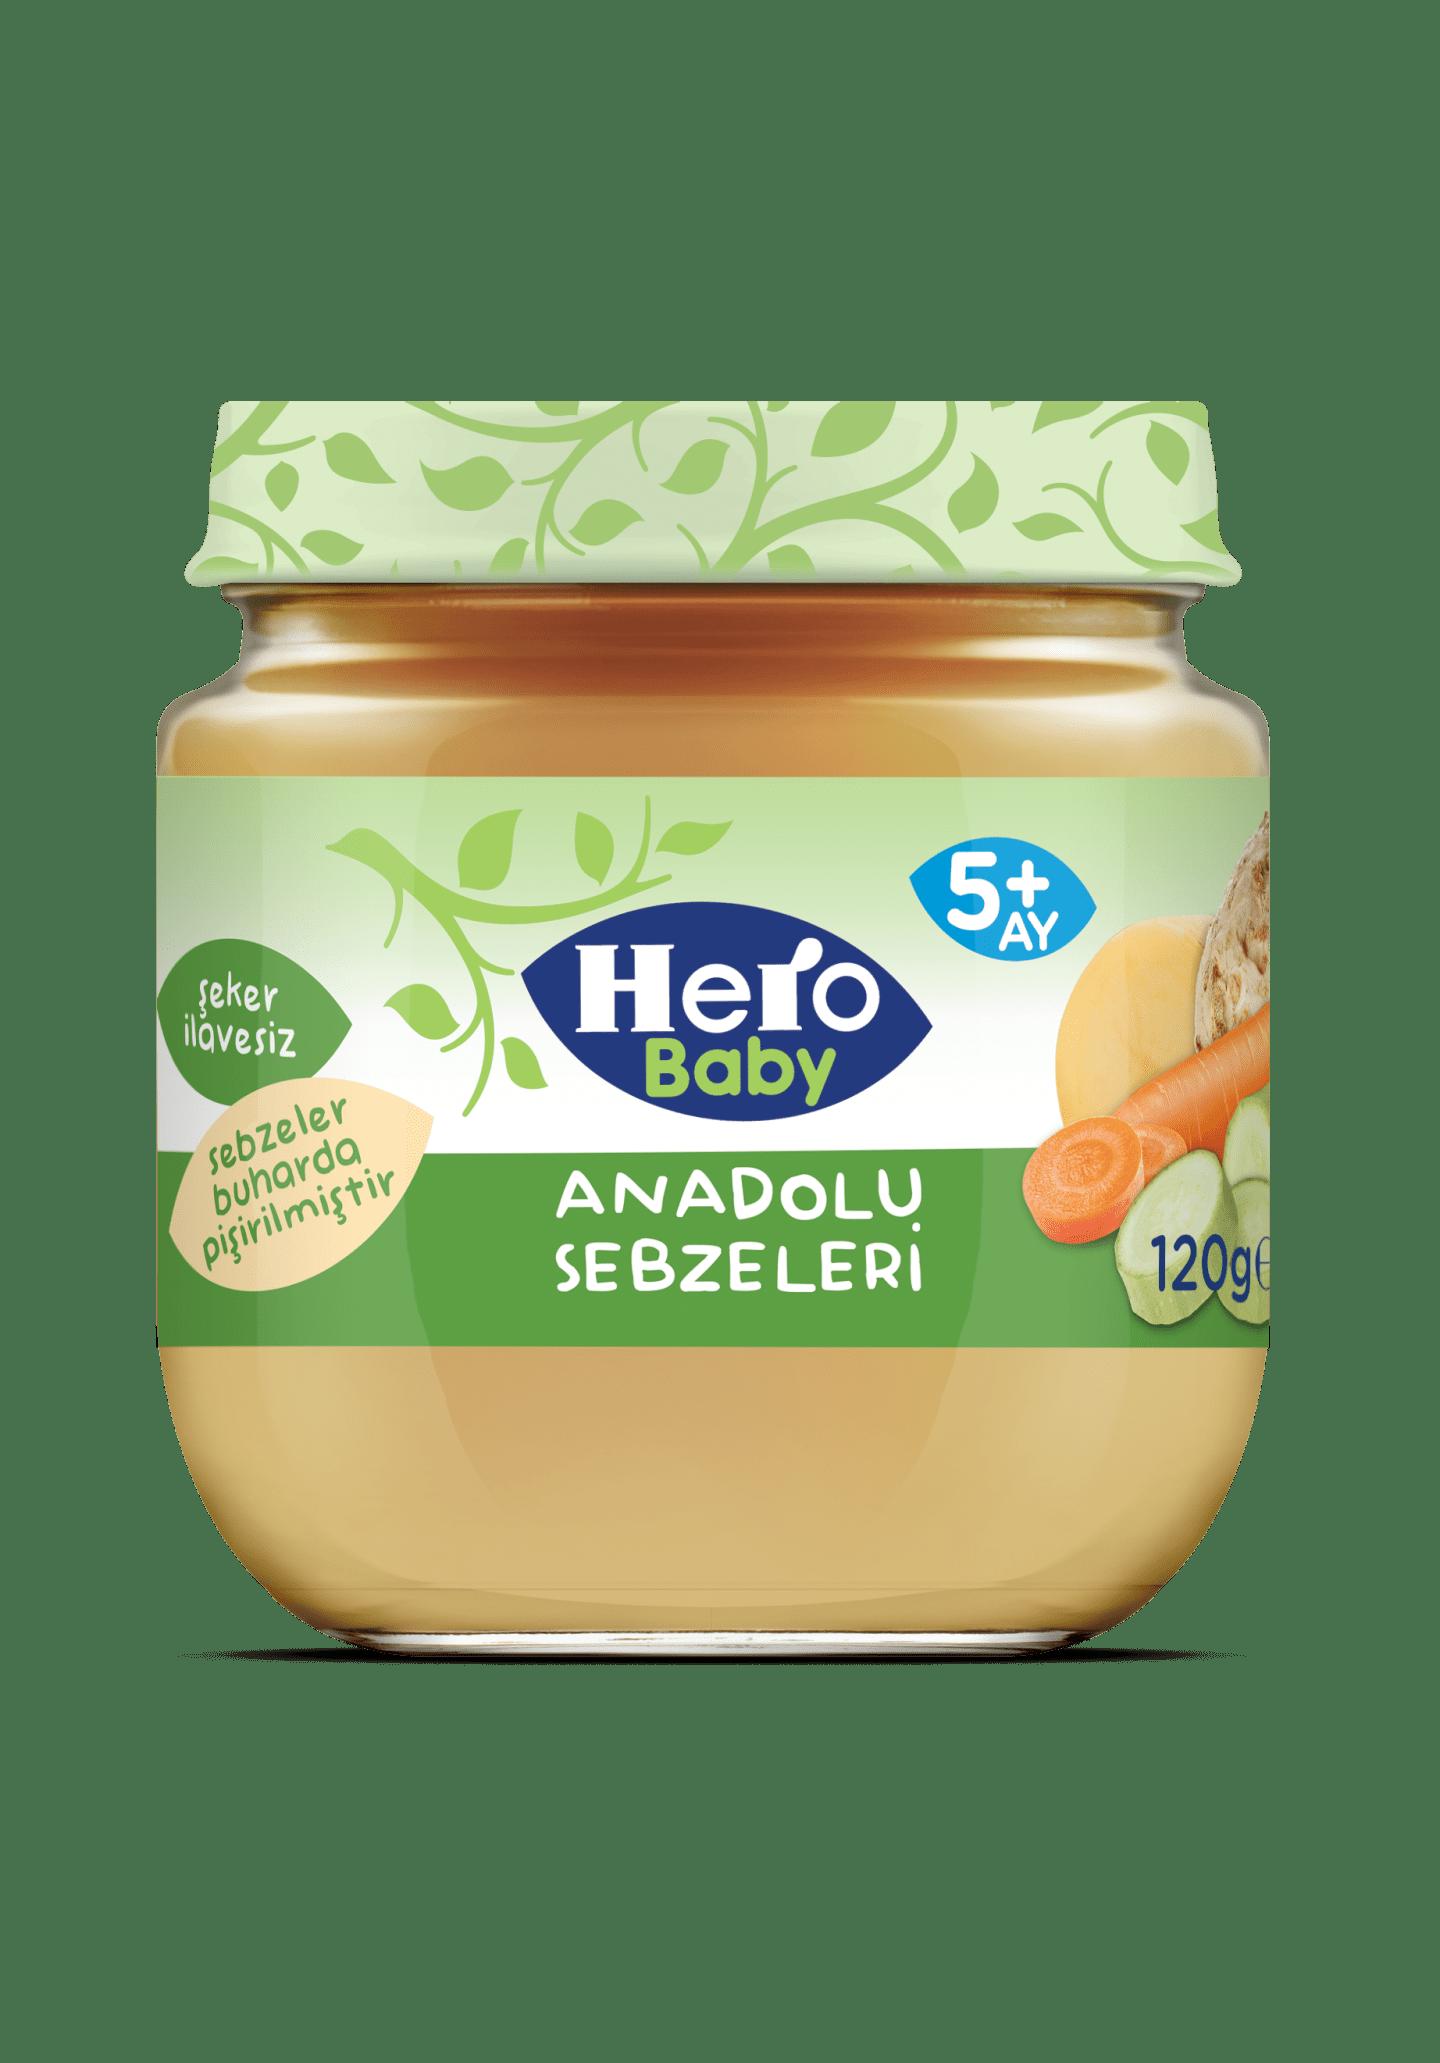 Anadolu Sebzeleri